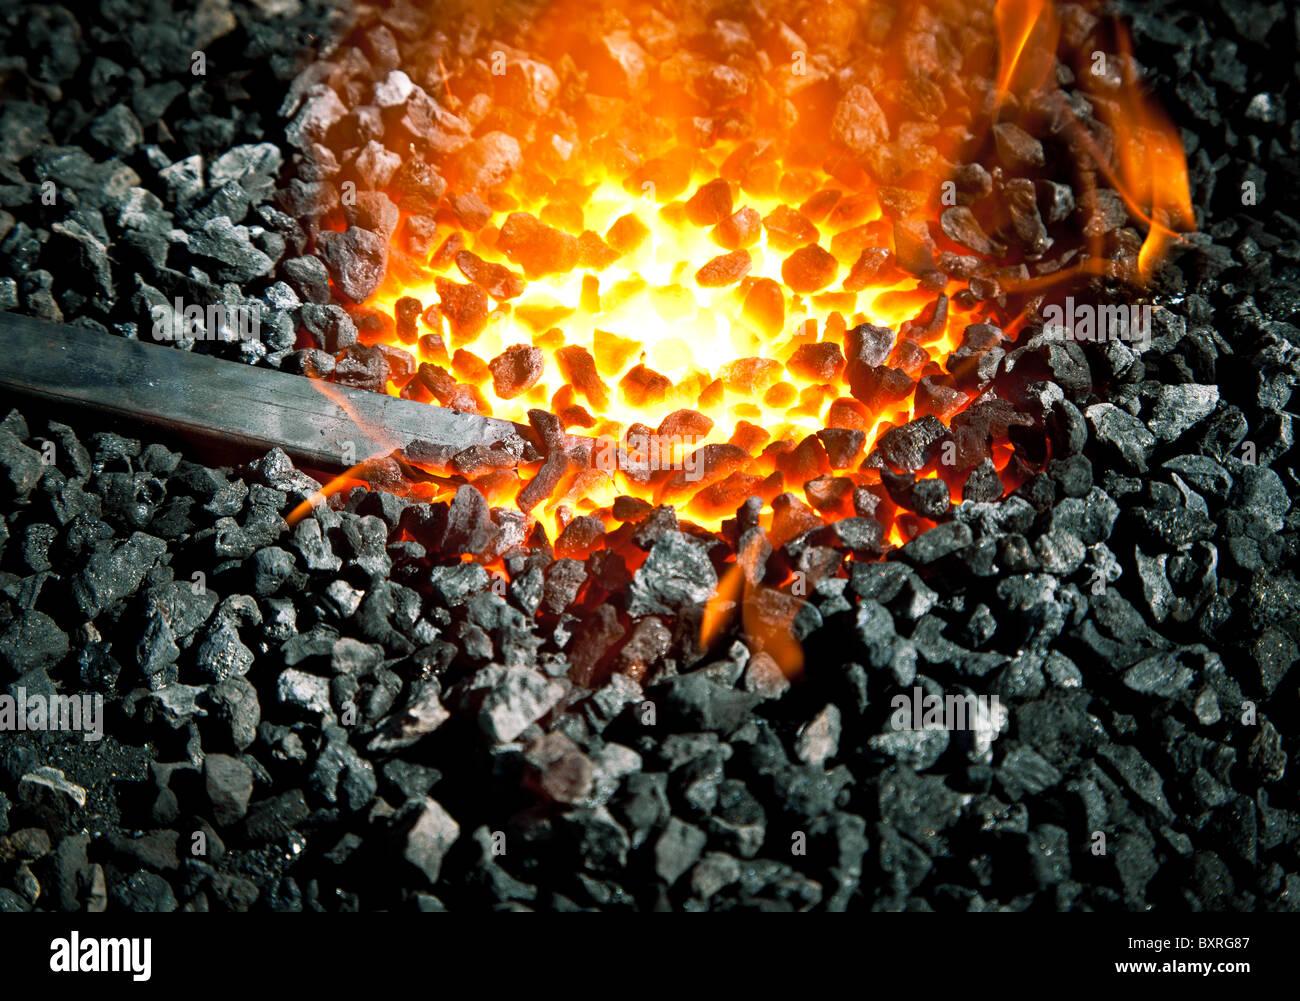 old smithy blacksmith forge stock photos u0026 old smithy blacksmith